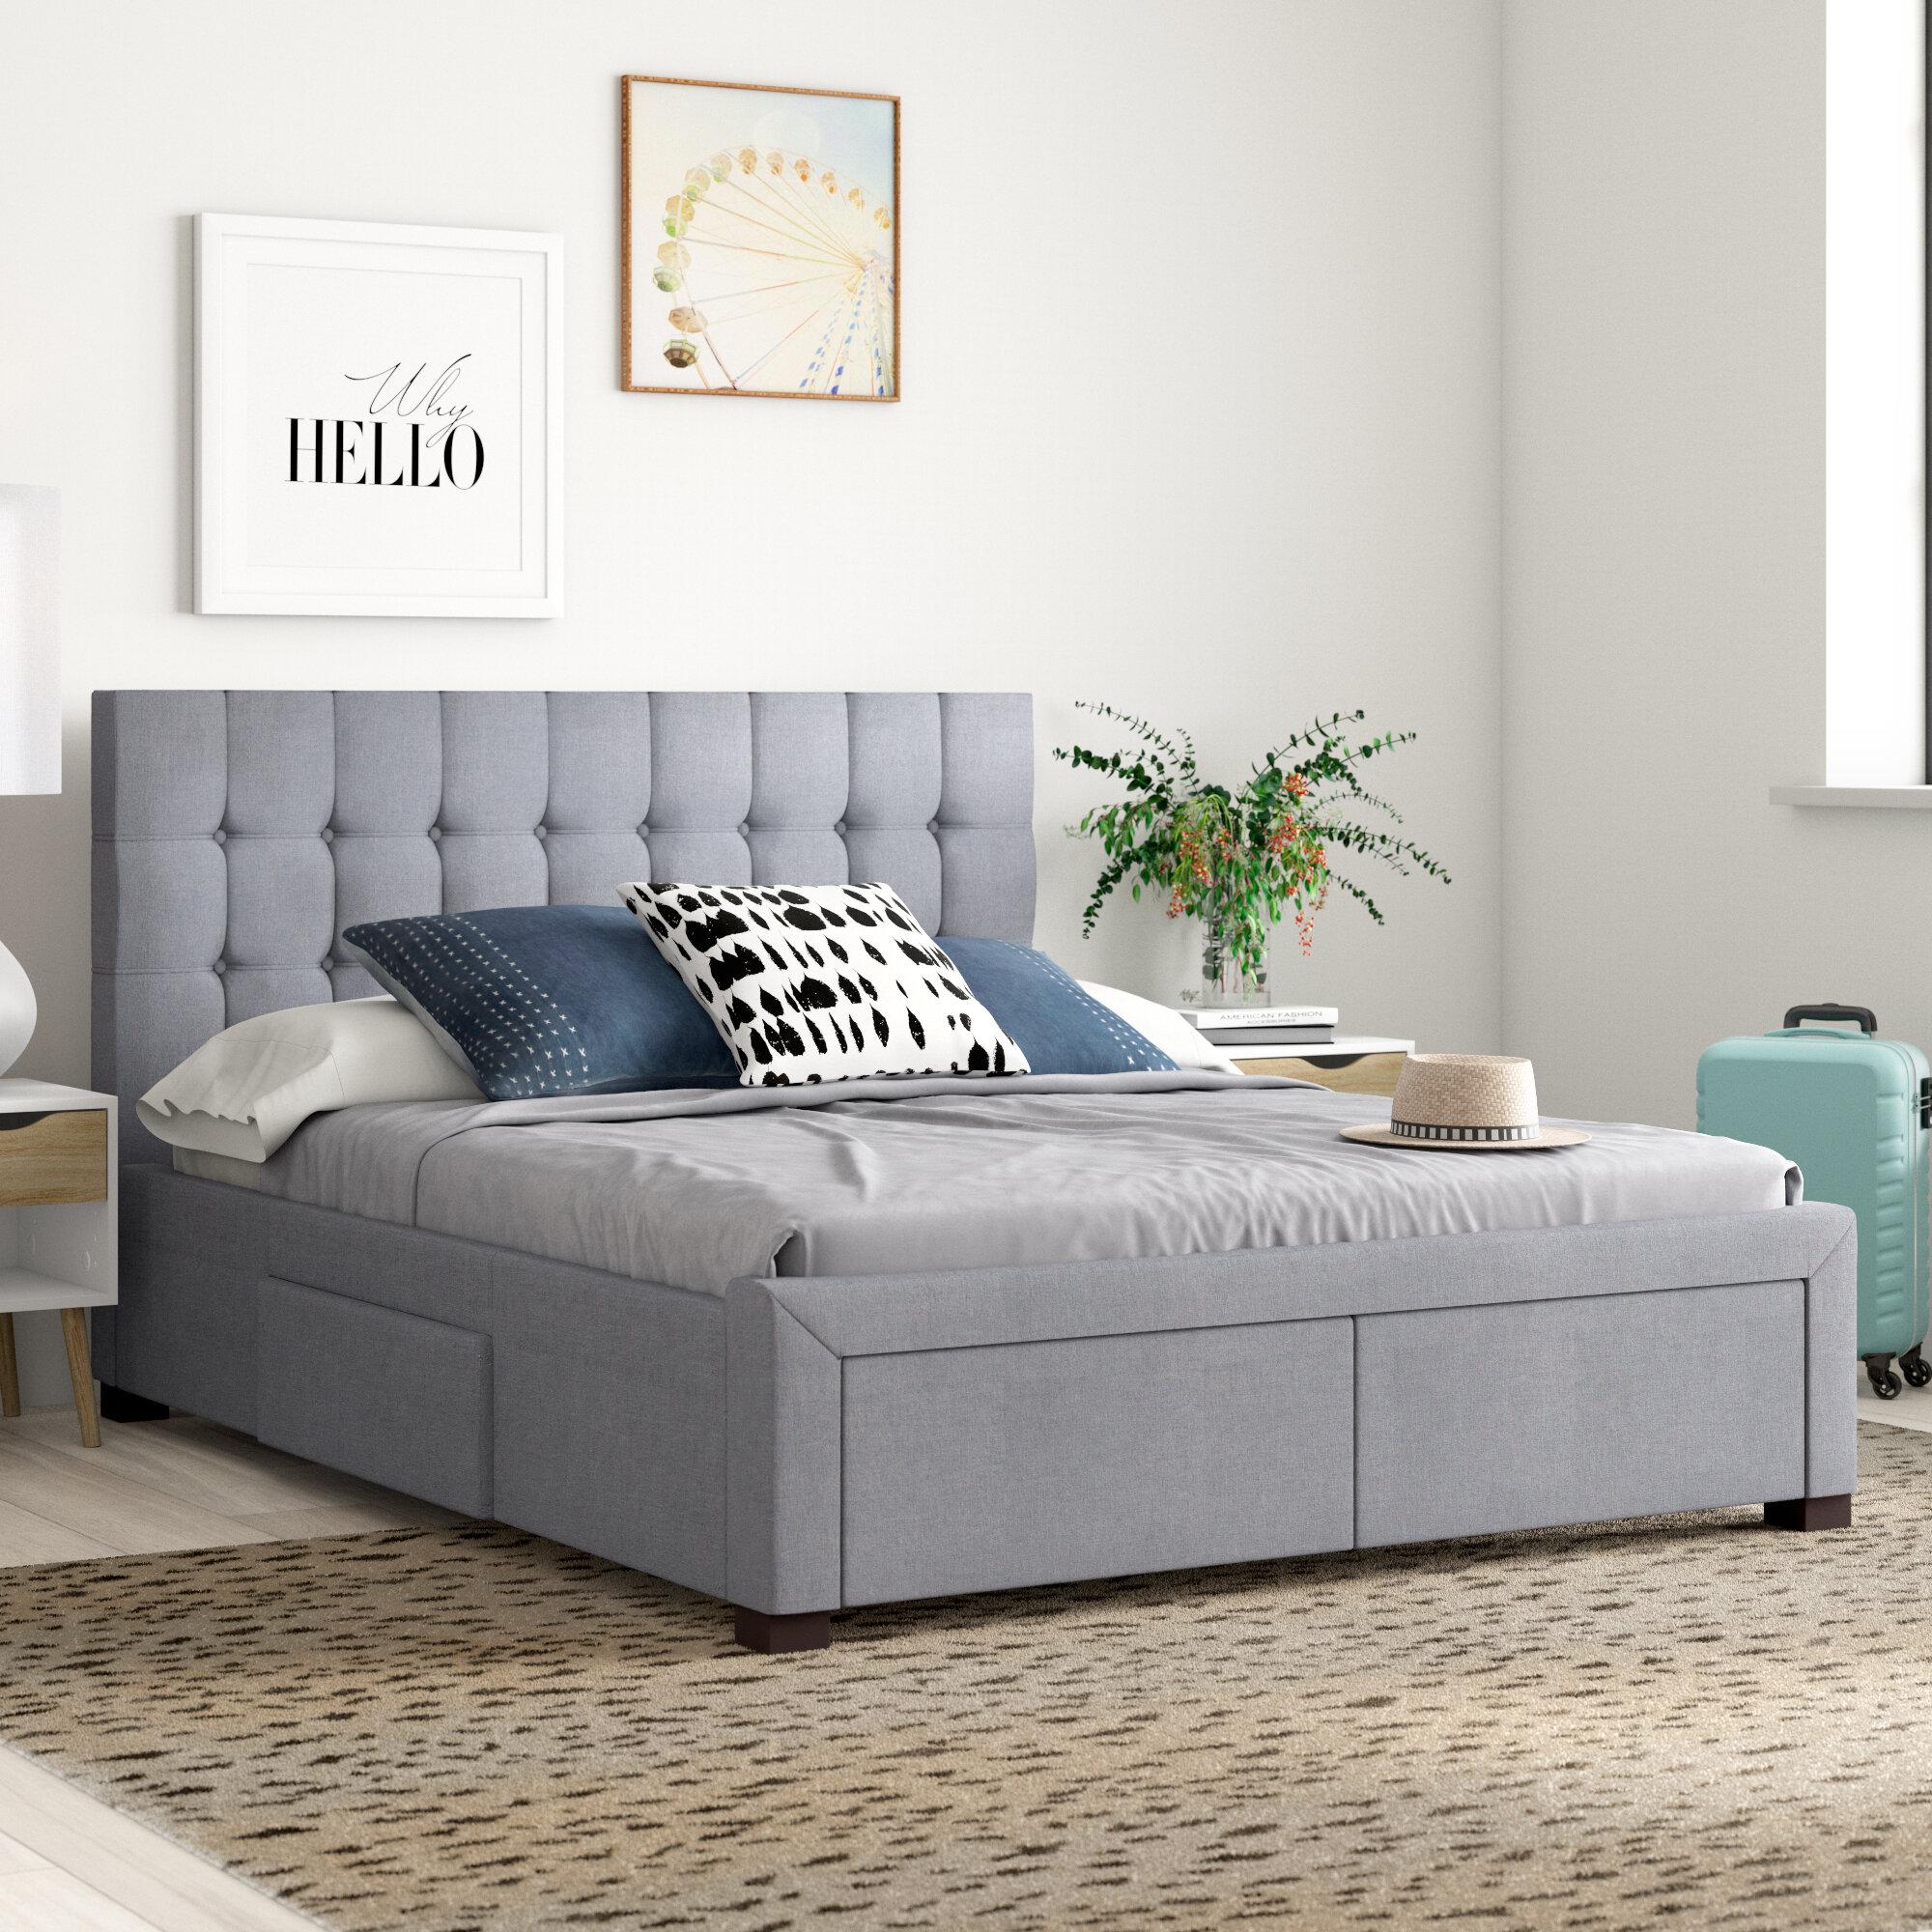 Lawson Upholstered Storage Platform Bed Reviews Allmodern